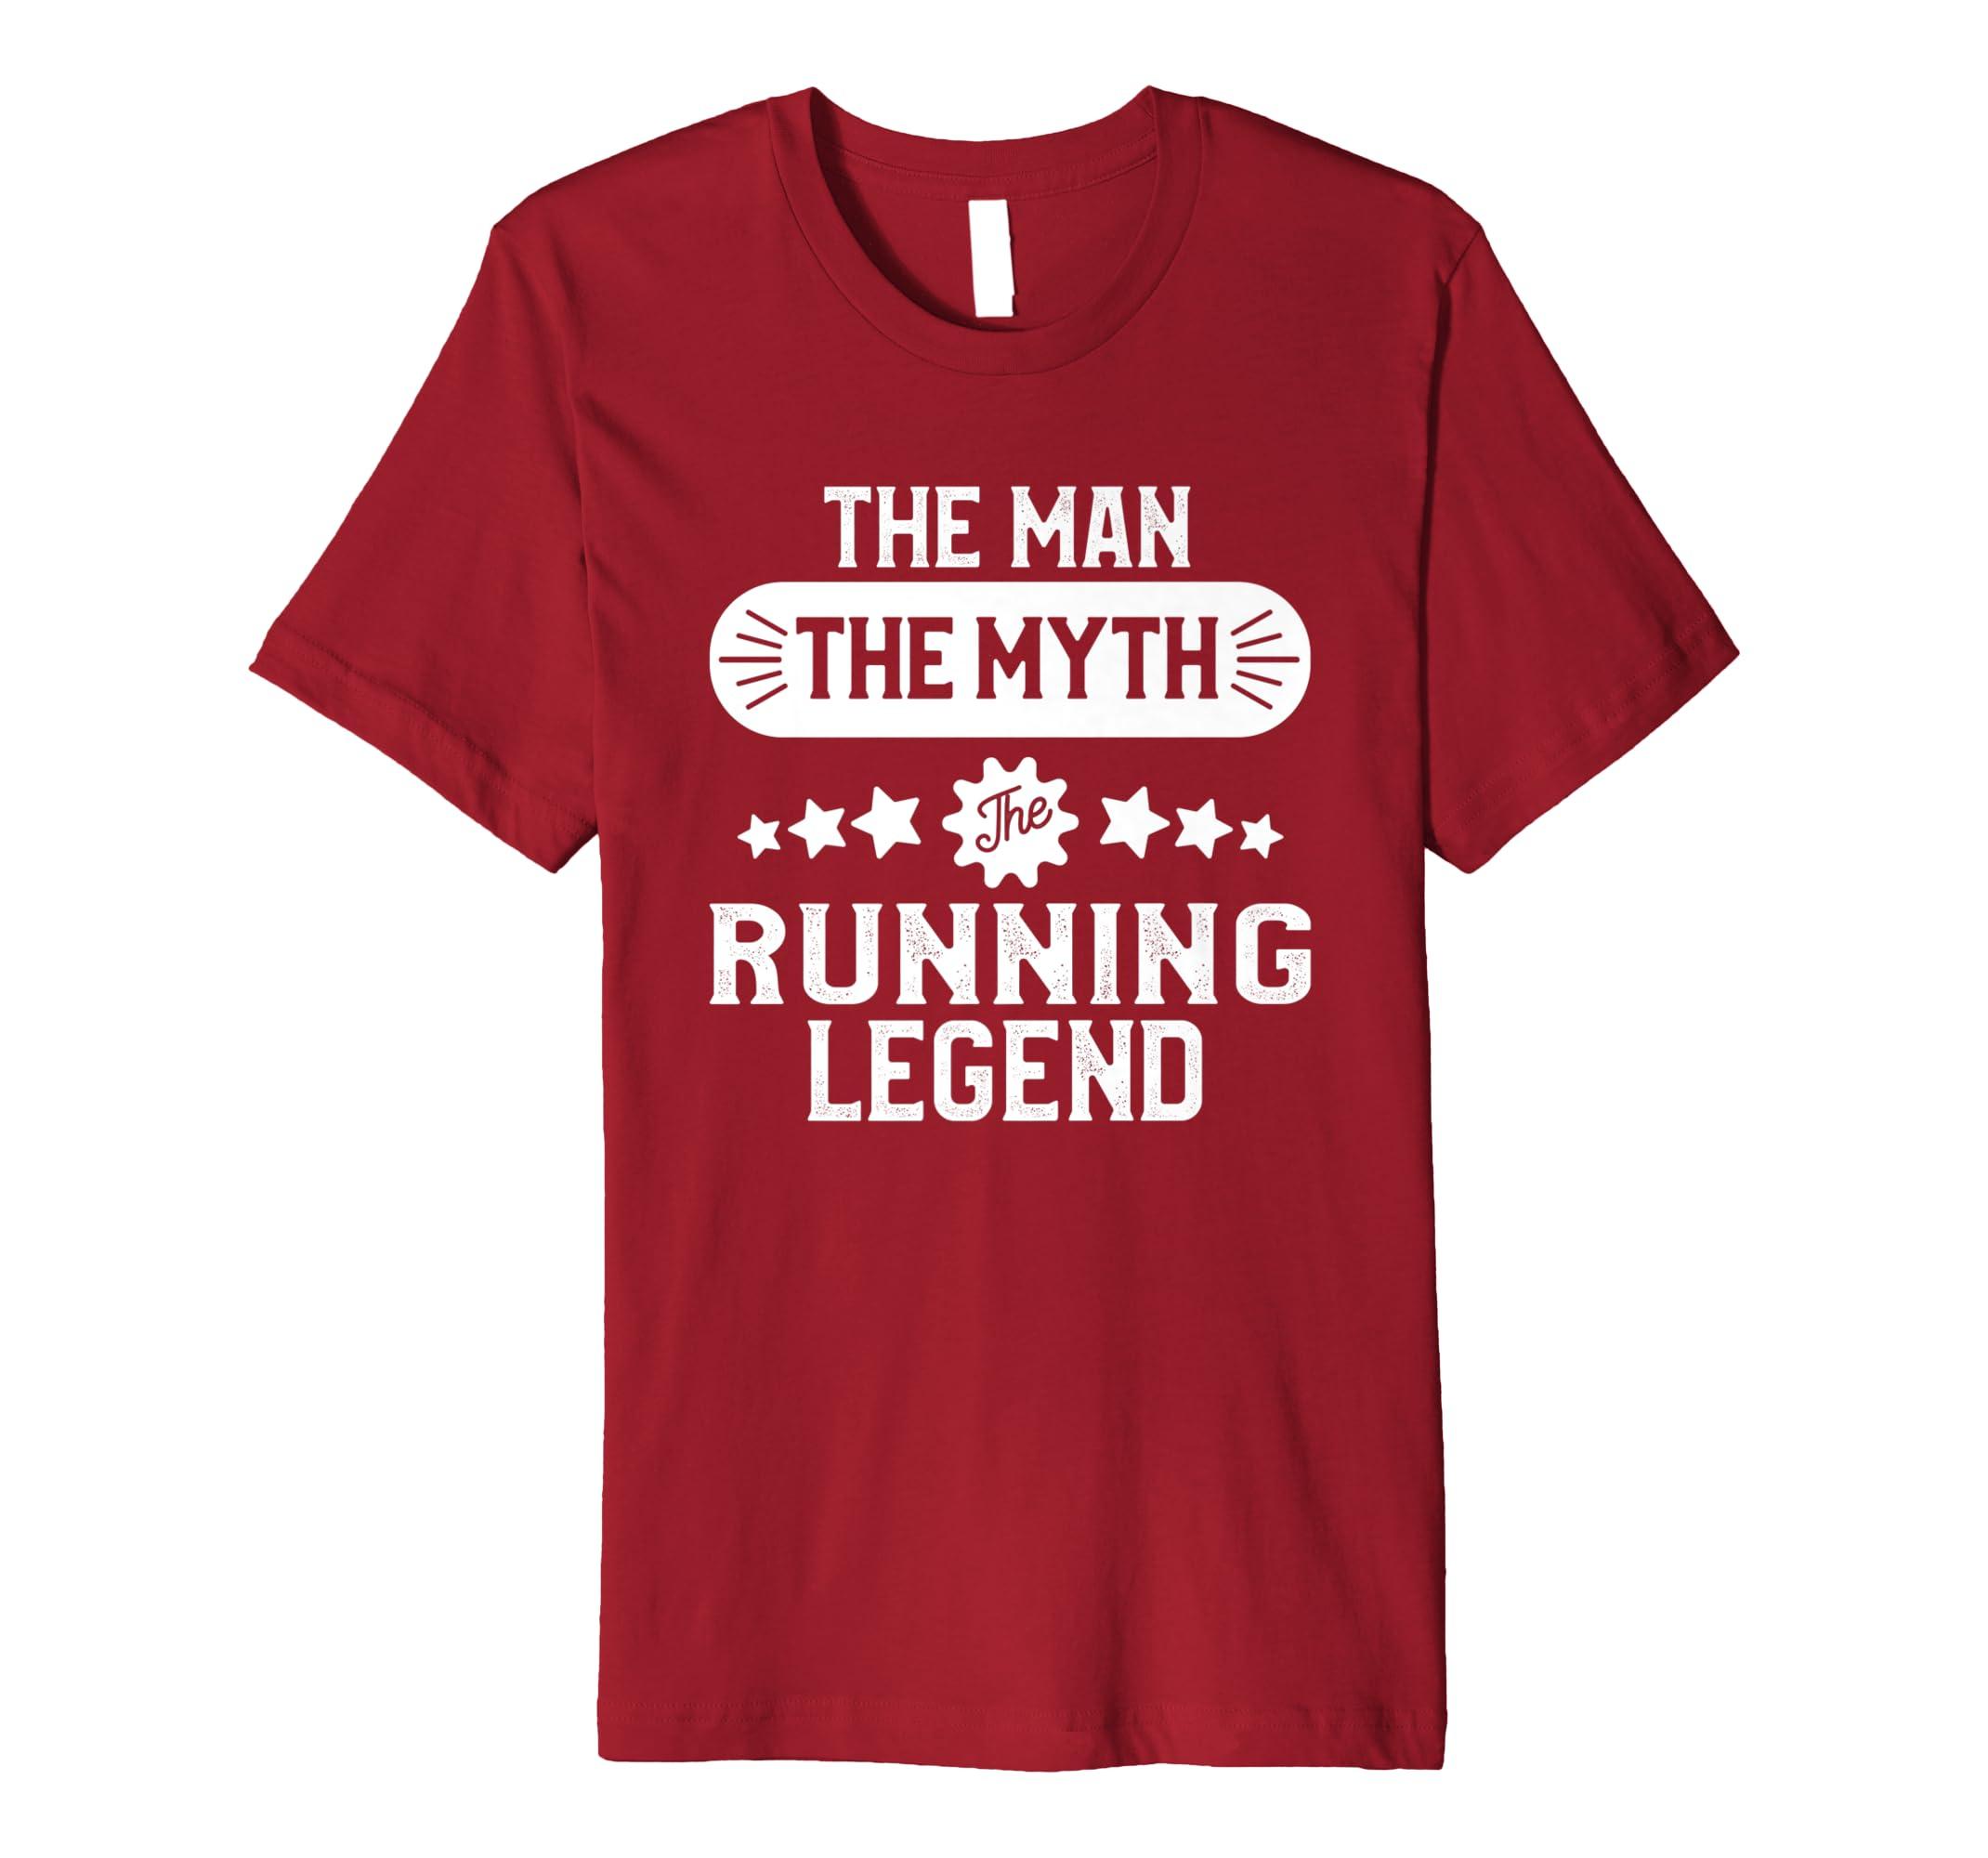 d68ded2d Running T-shirt for Men Funny Marathon Runner Gift: Amazon.co.uk: Clothing